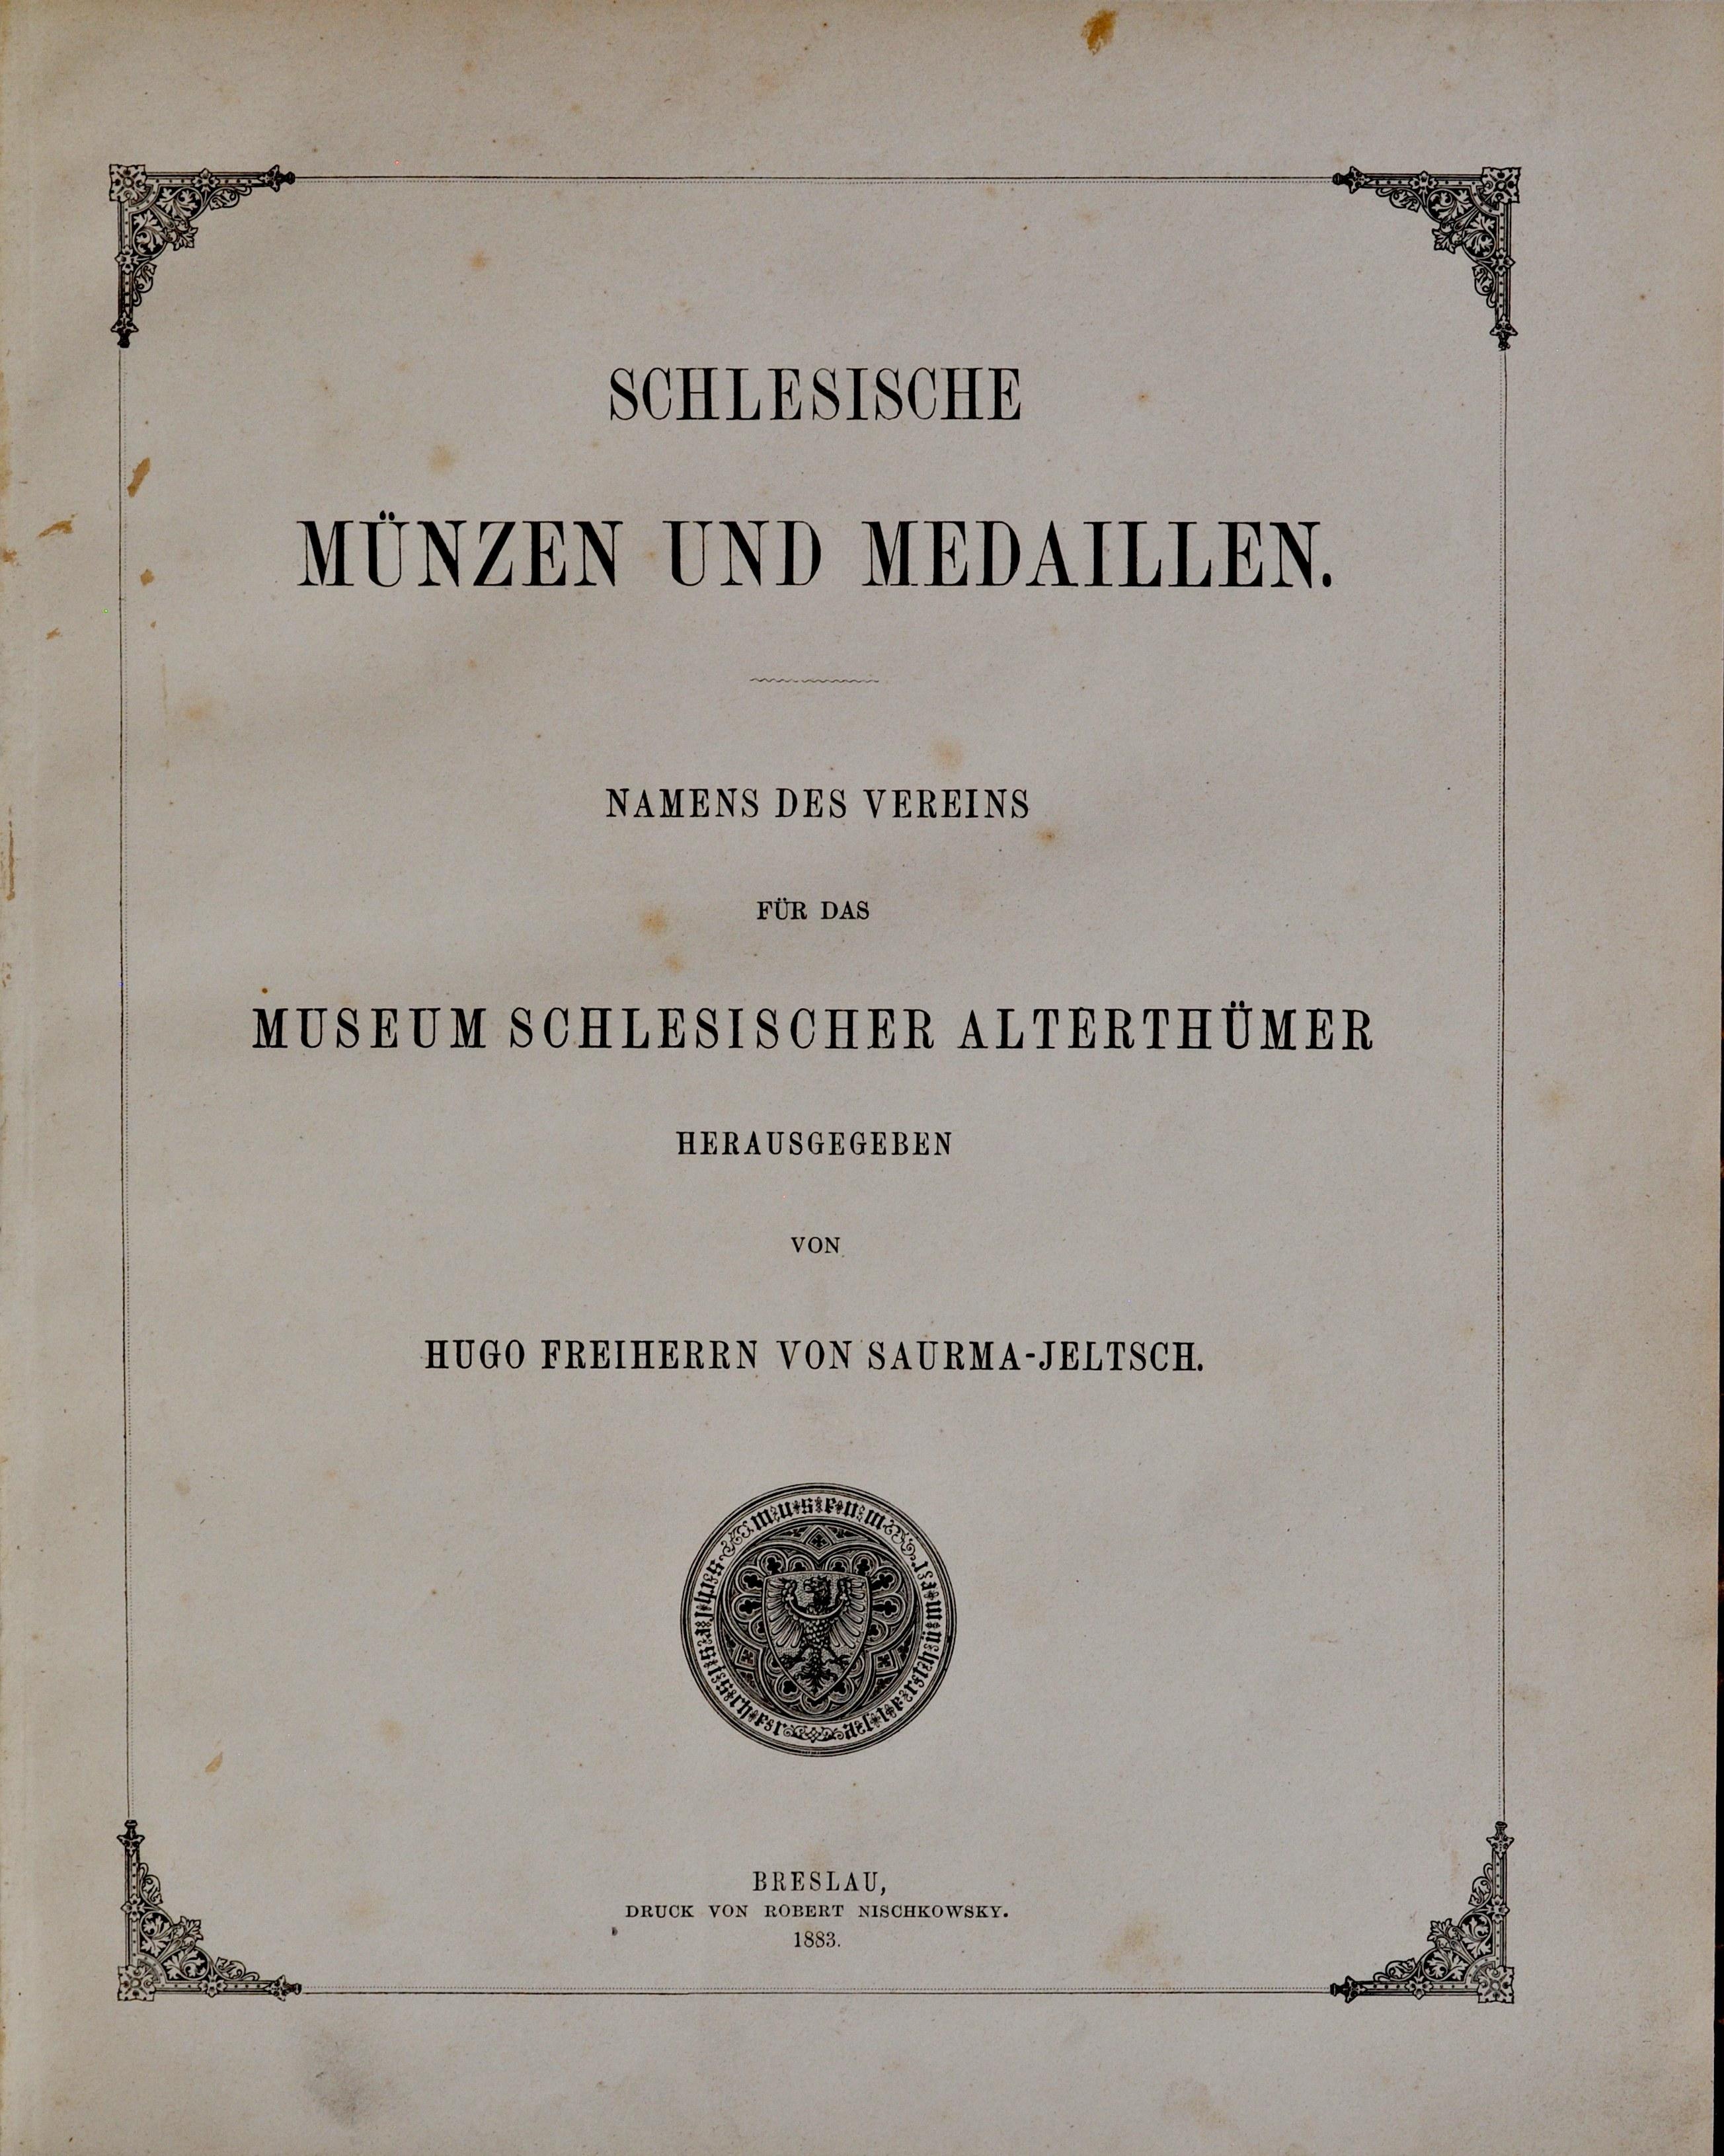 Saurma-Jeltsch, Schlesische Münzen und Medaillen, Band I-II, Breslau 1883.